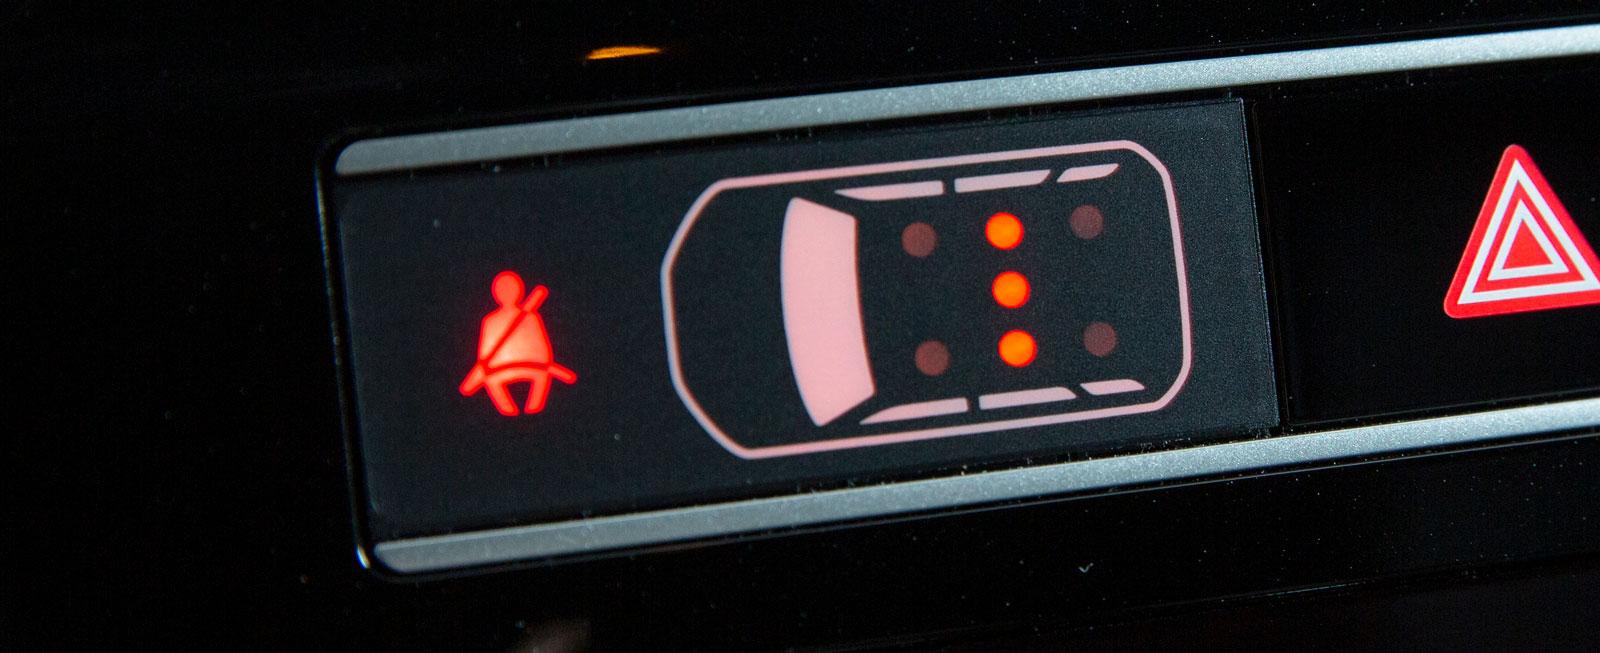 I Mitsubishi finns sju bälteslampor för de maximalt fem åkande.